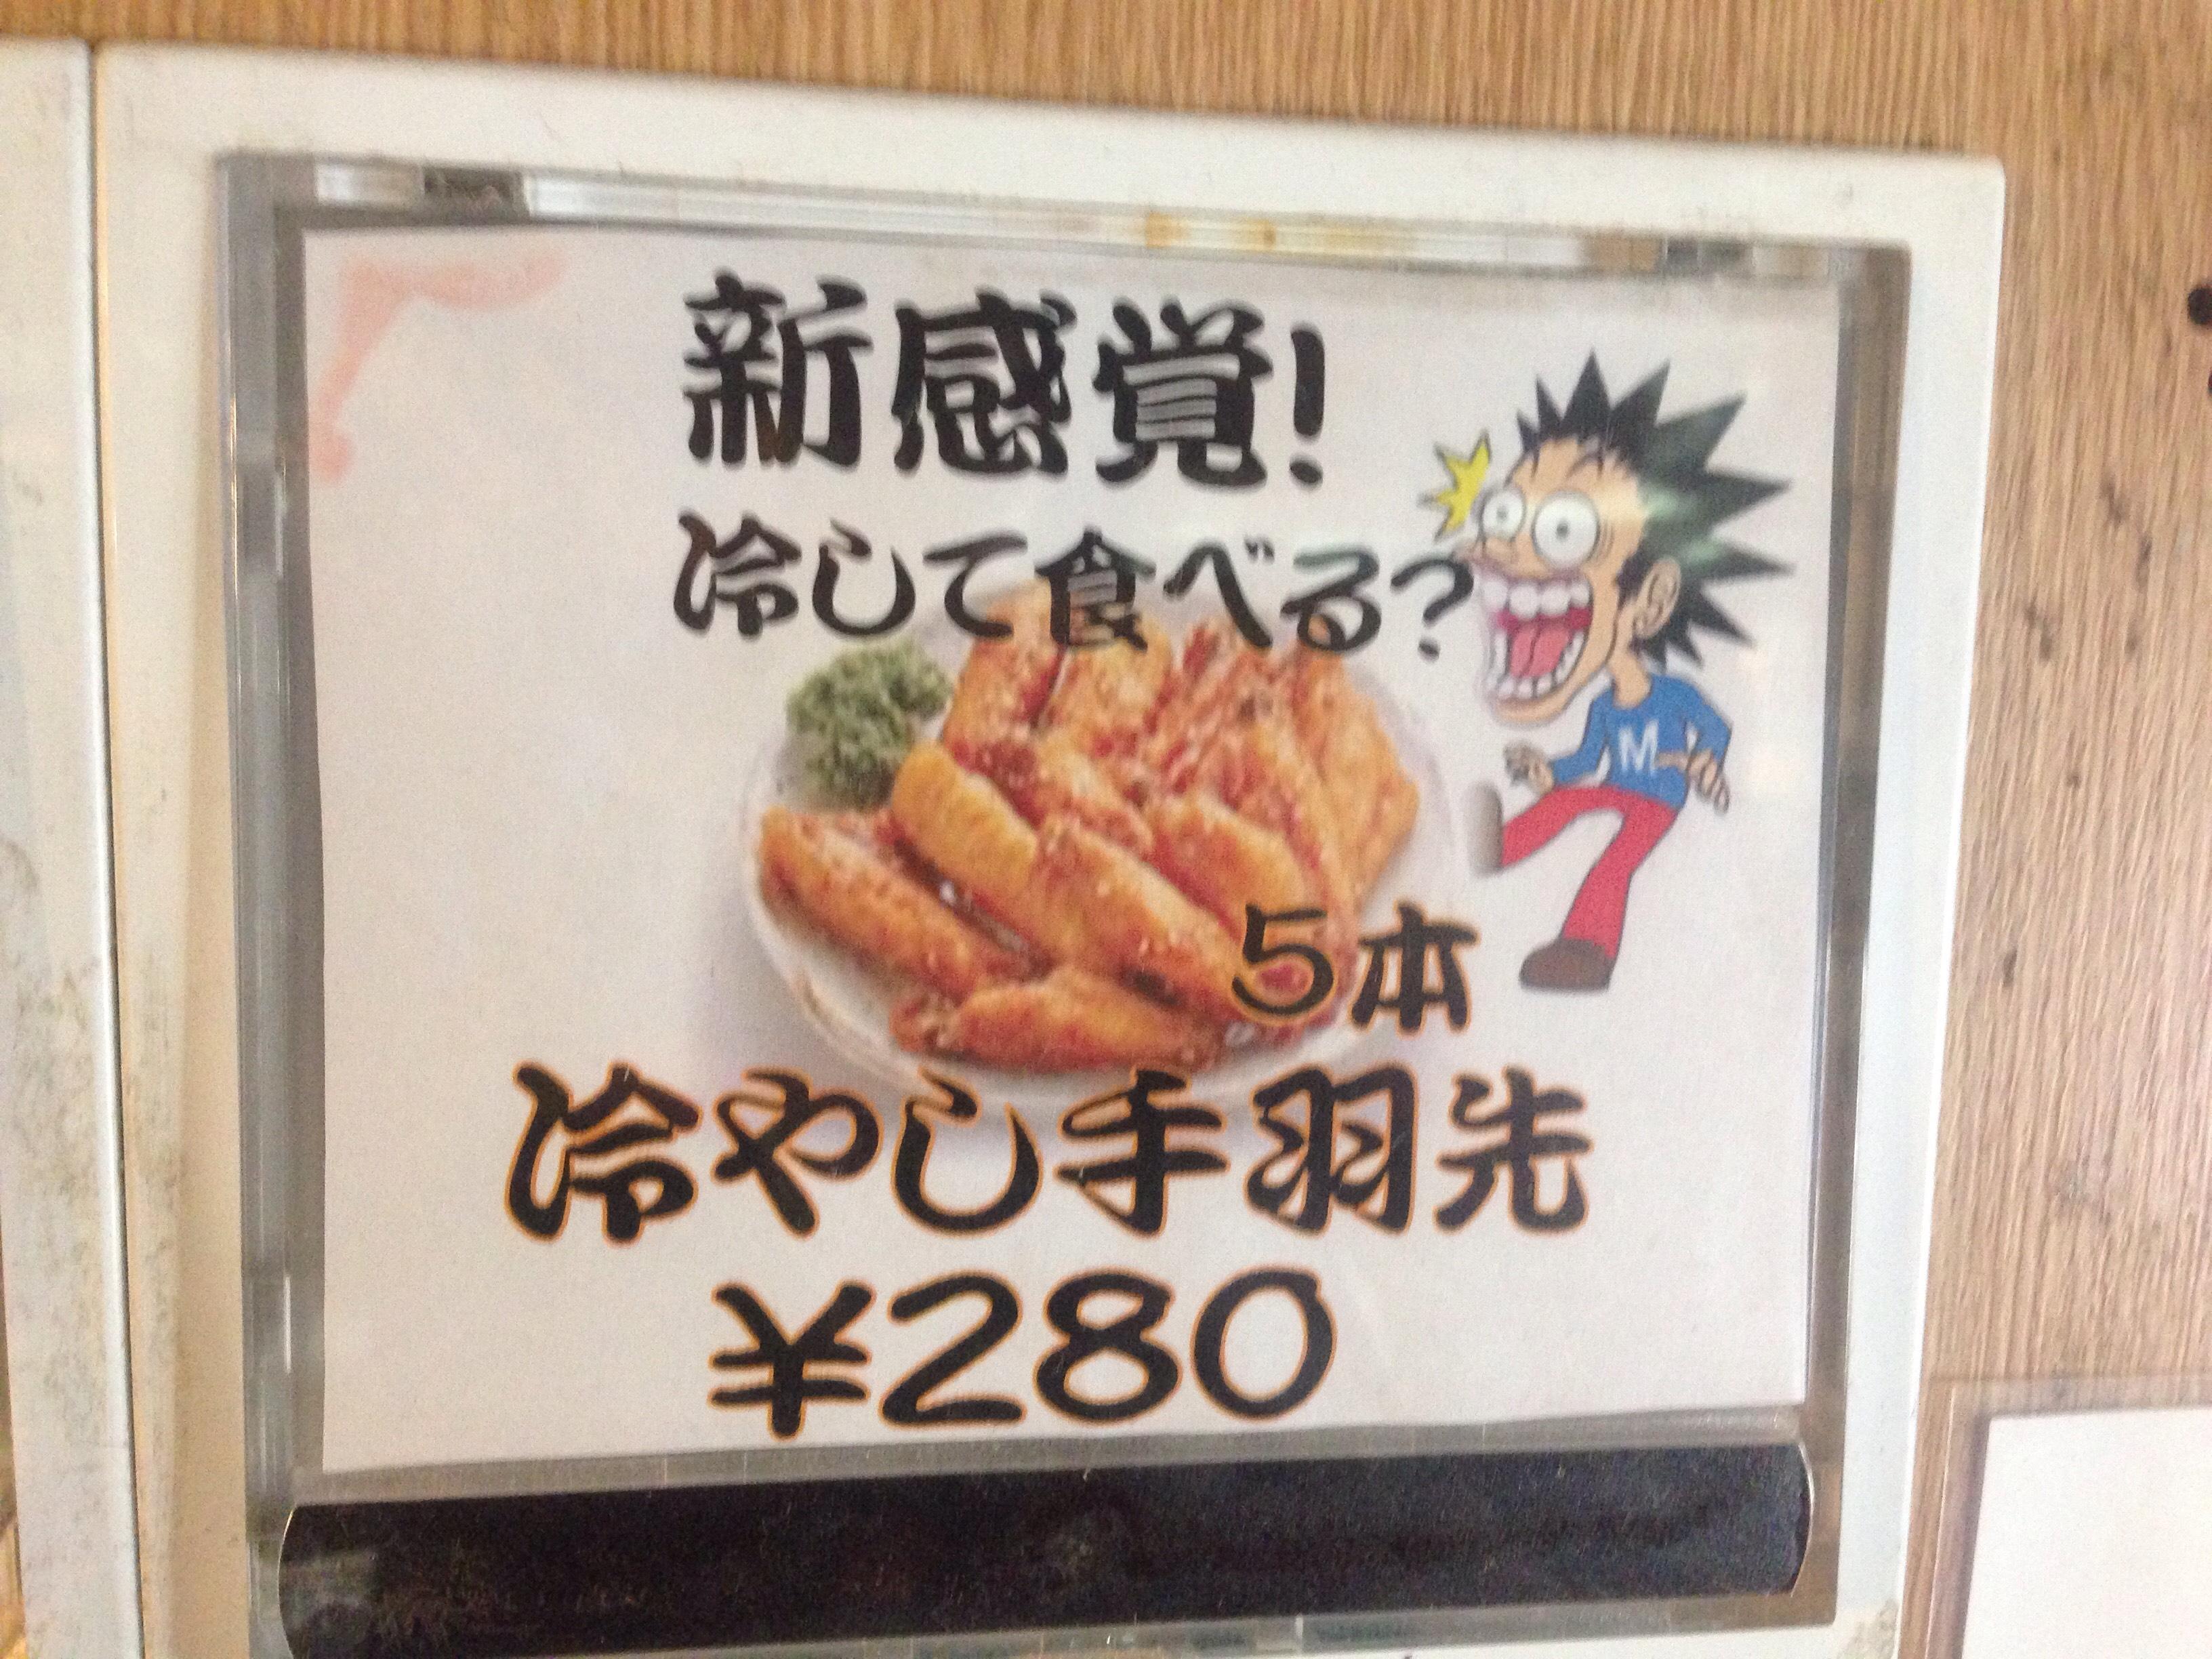 上海麺館新発売 冷やし手羽先